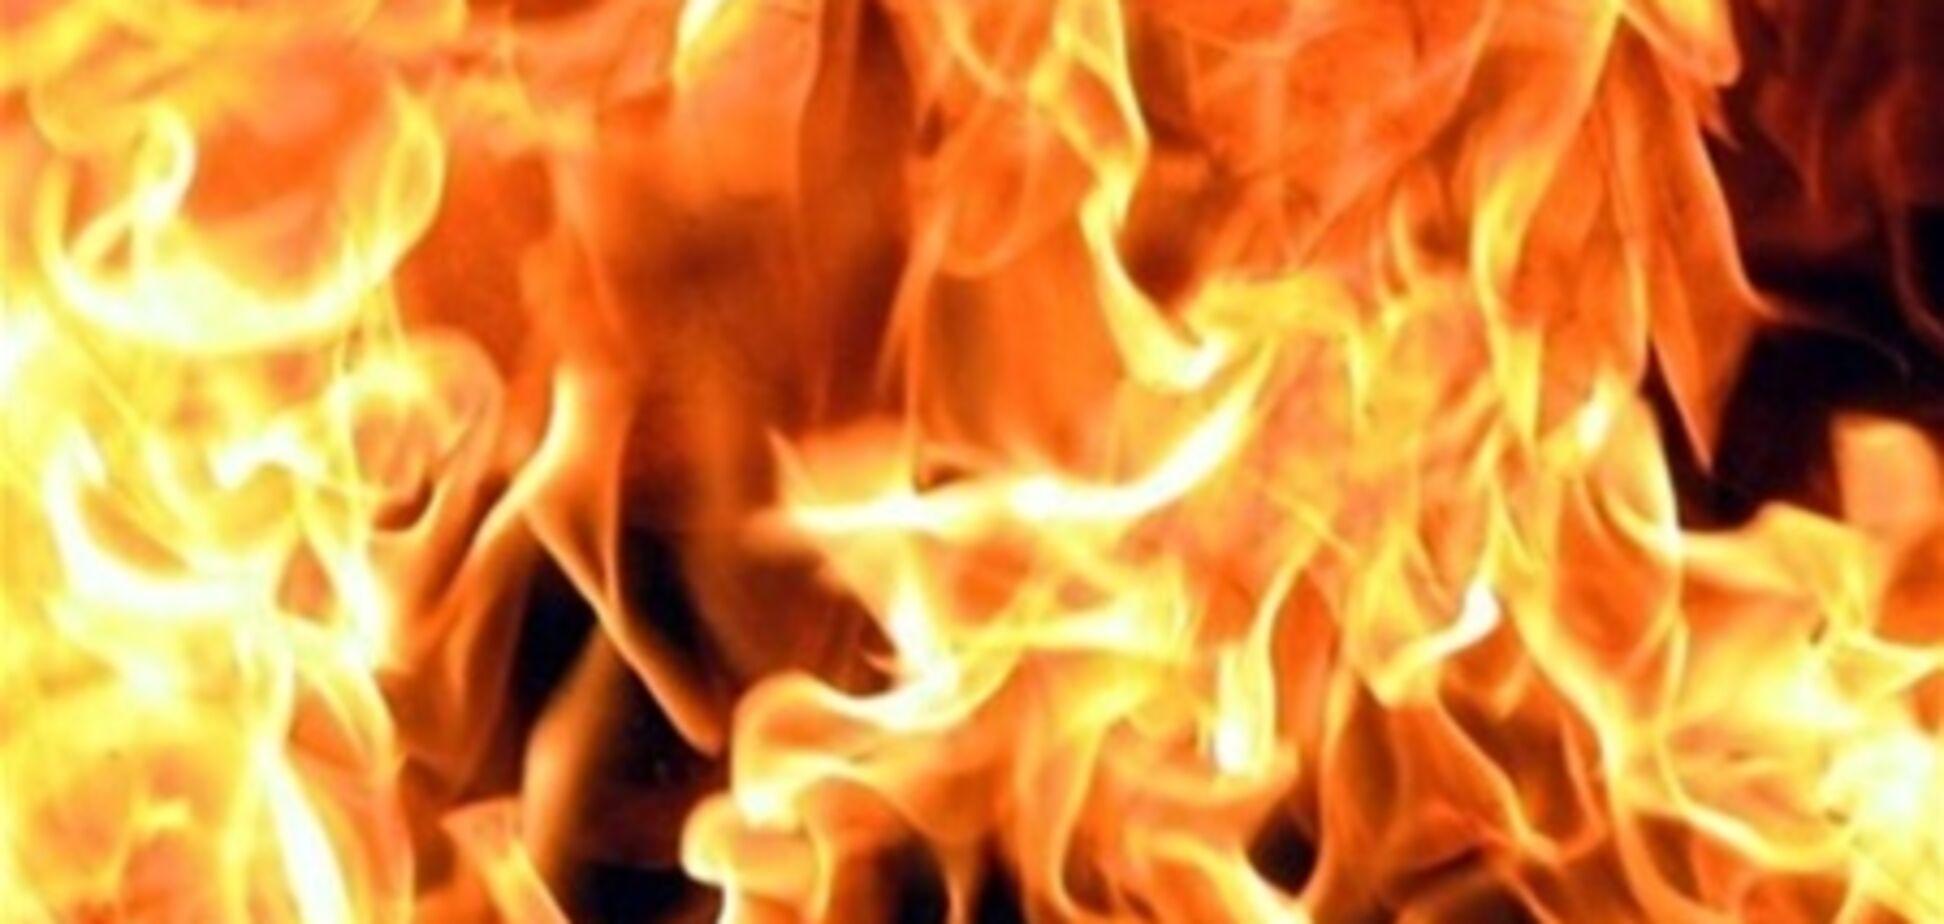 На пожаре в ТЦ в Вышгороде пострадали 2 человека – милиция